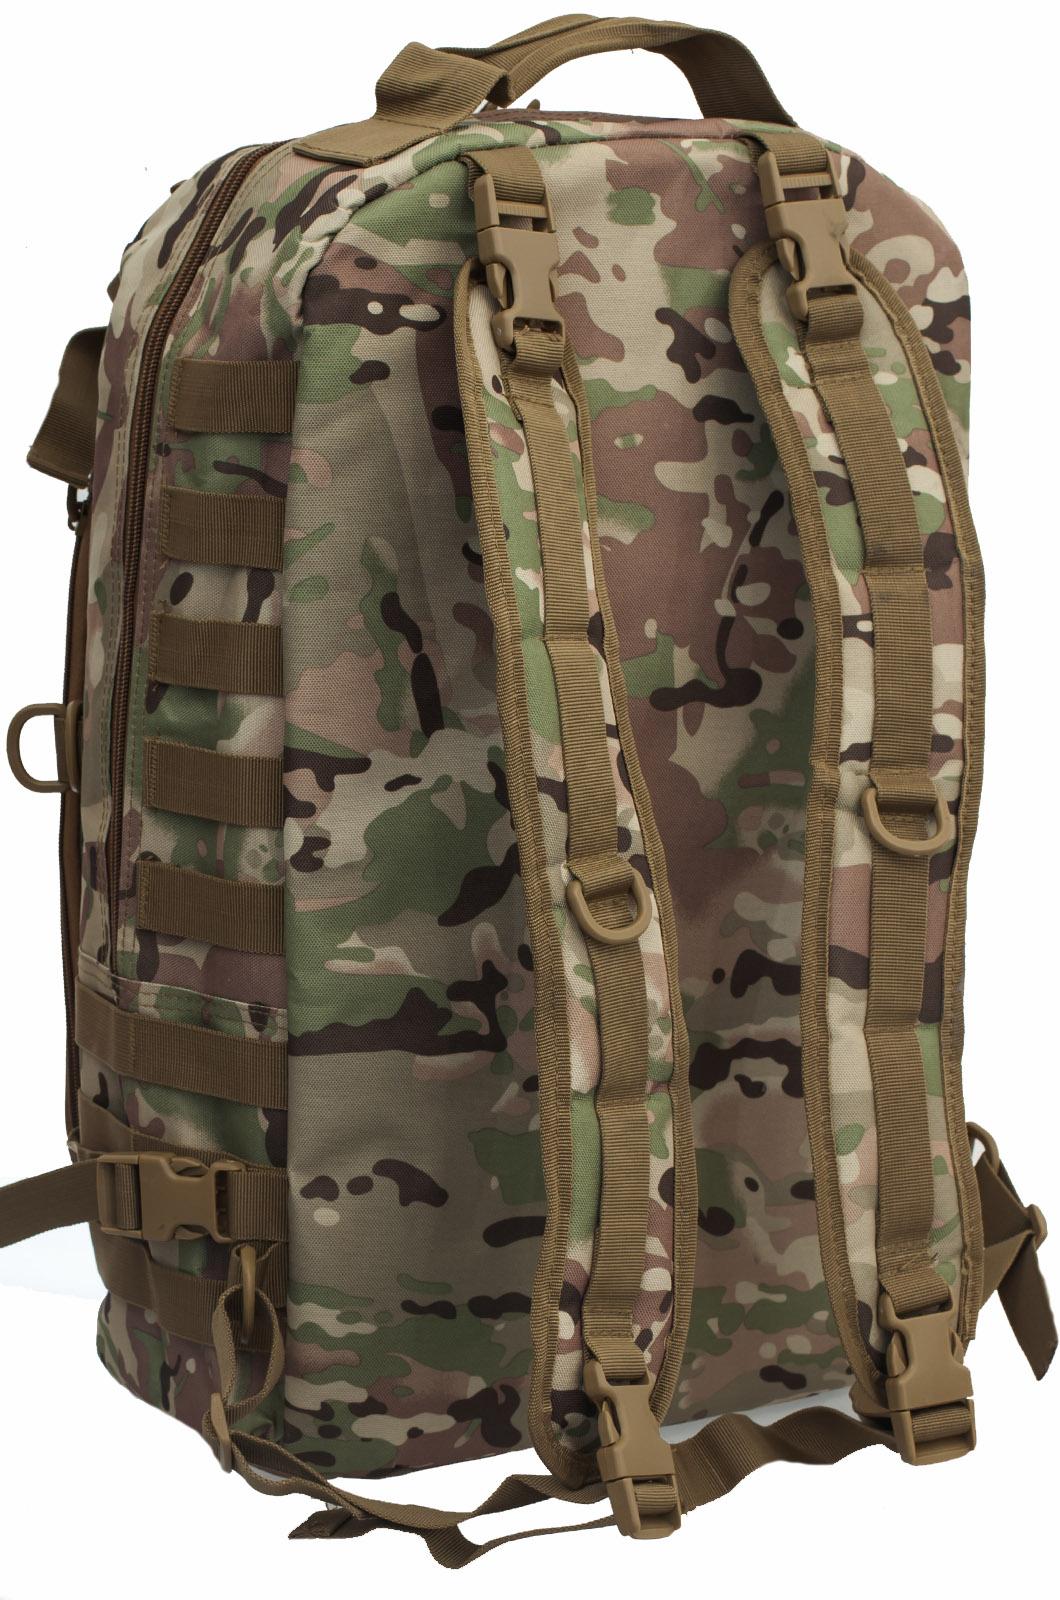 Рейдовый рюкзак камуфляж Multicam по выгодной цене